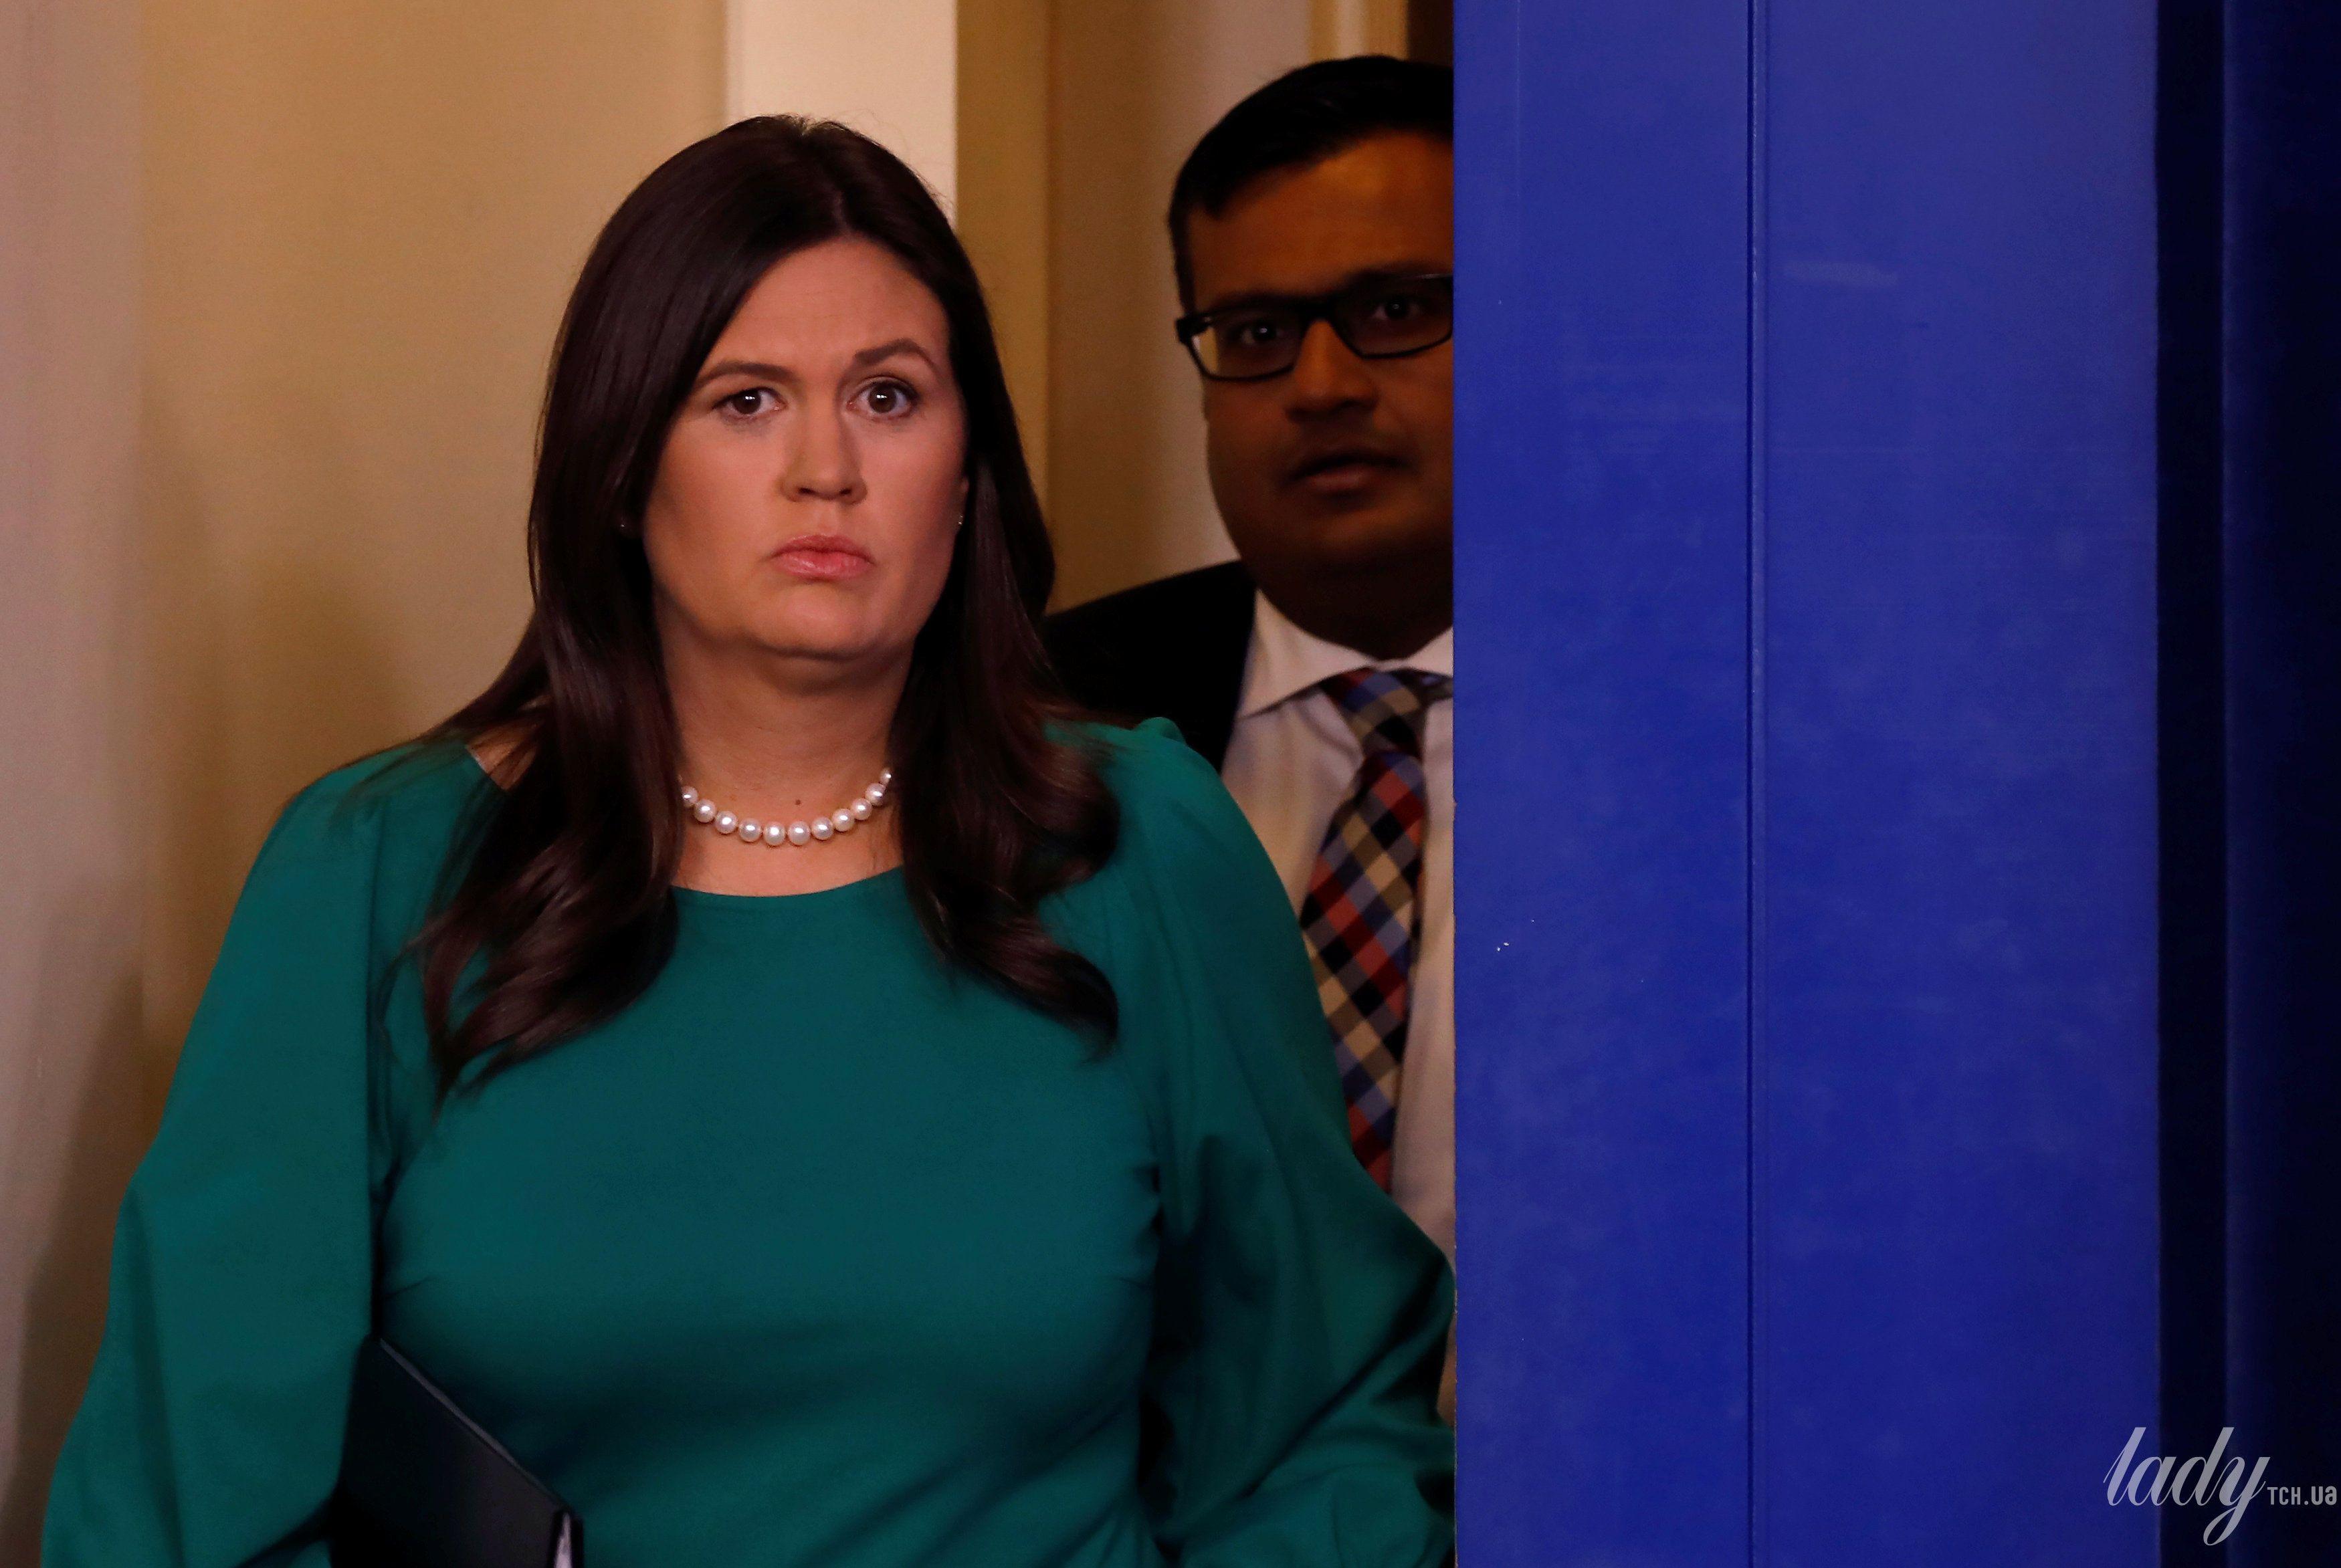 Пресс-секретарь Белого дома США_1